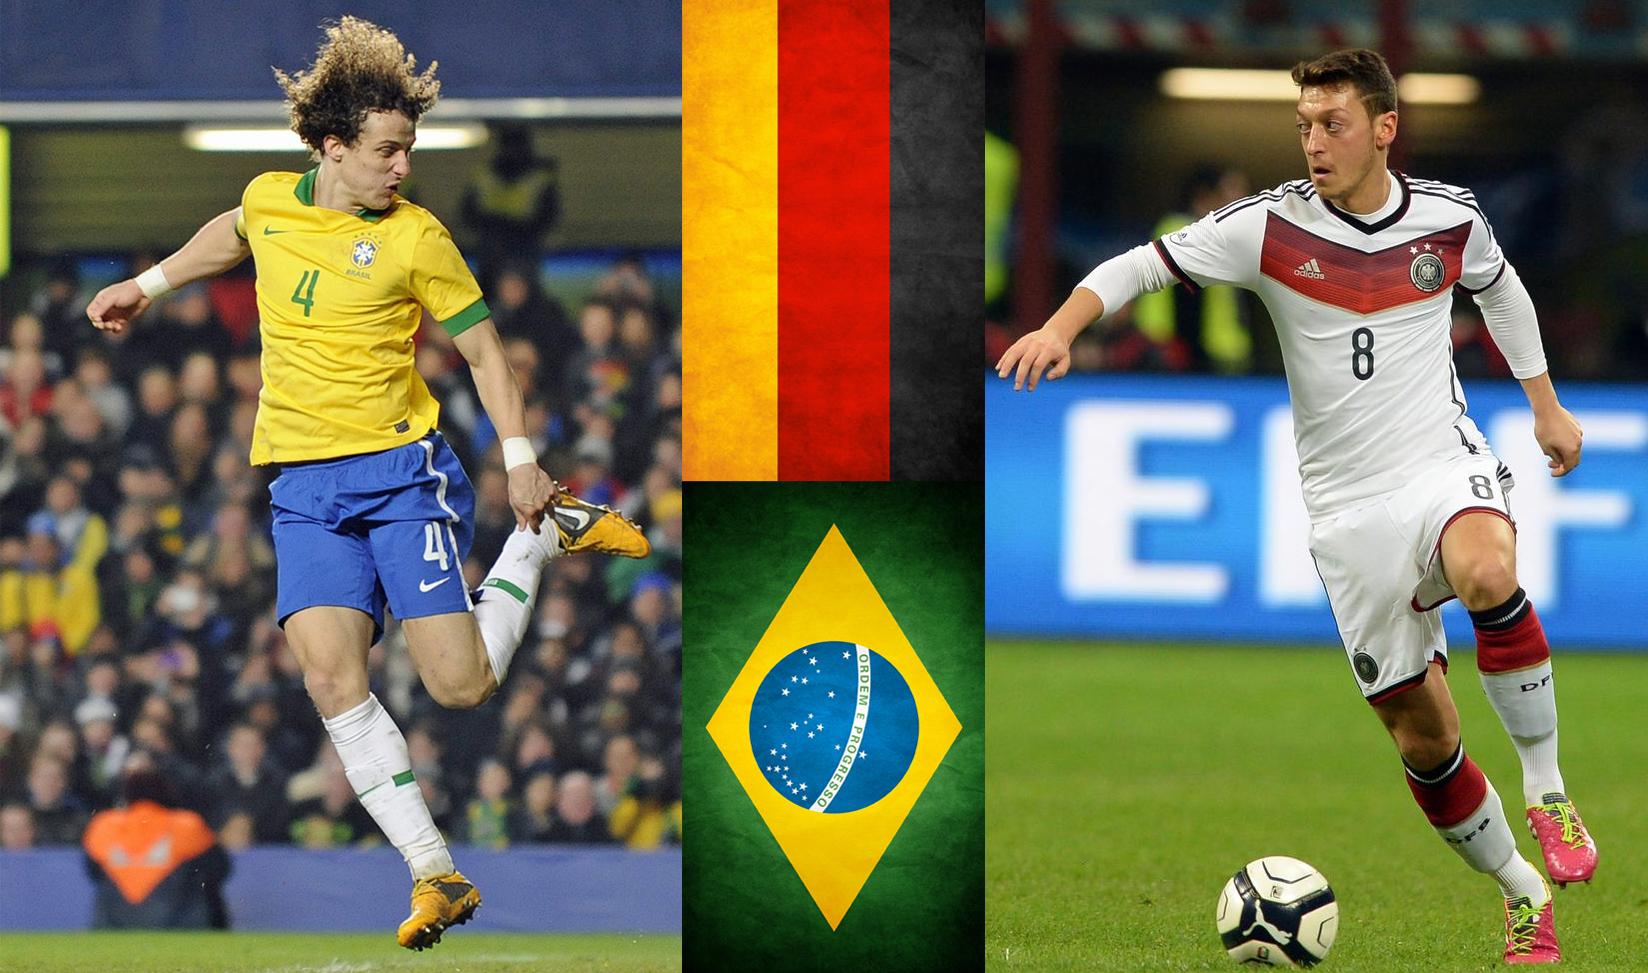 Los equipos de David Luiz y Mesut Ozil compiten en la primera semifinal del torneo